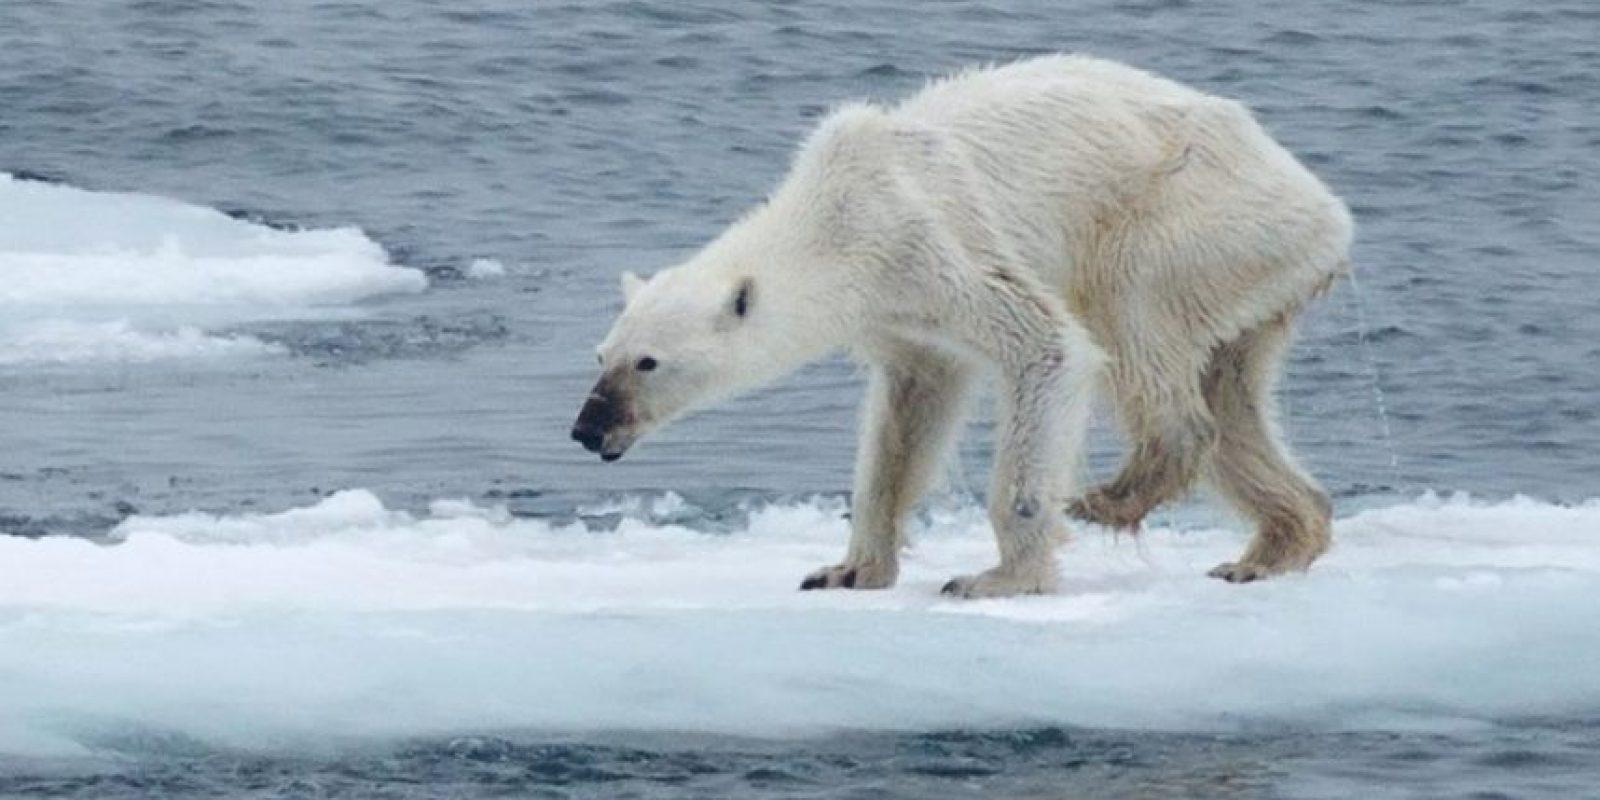 Los osos polares se han visto gravemente afectados por el cambio climático, y los investigadores están preocupados porque si continúa el calentamiento global Foto:Vía Facebook/kerstin.langenberger.photography